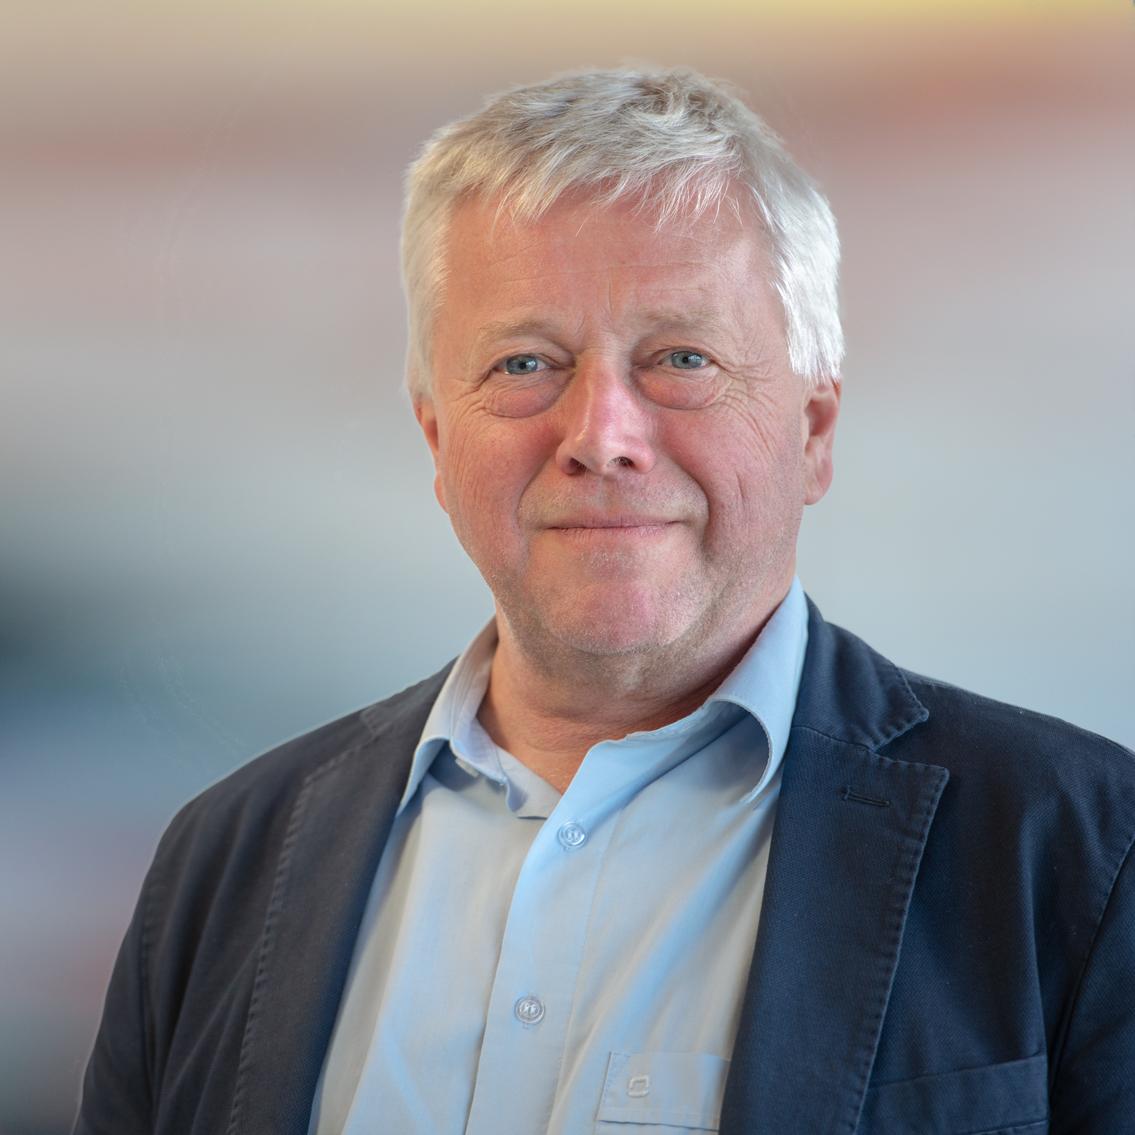 Søren Bech Sørensen